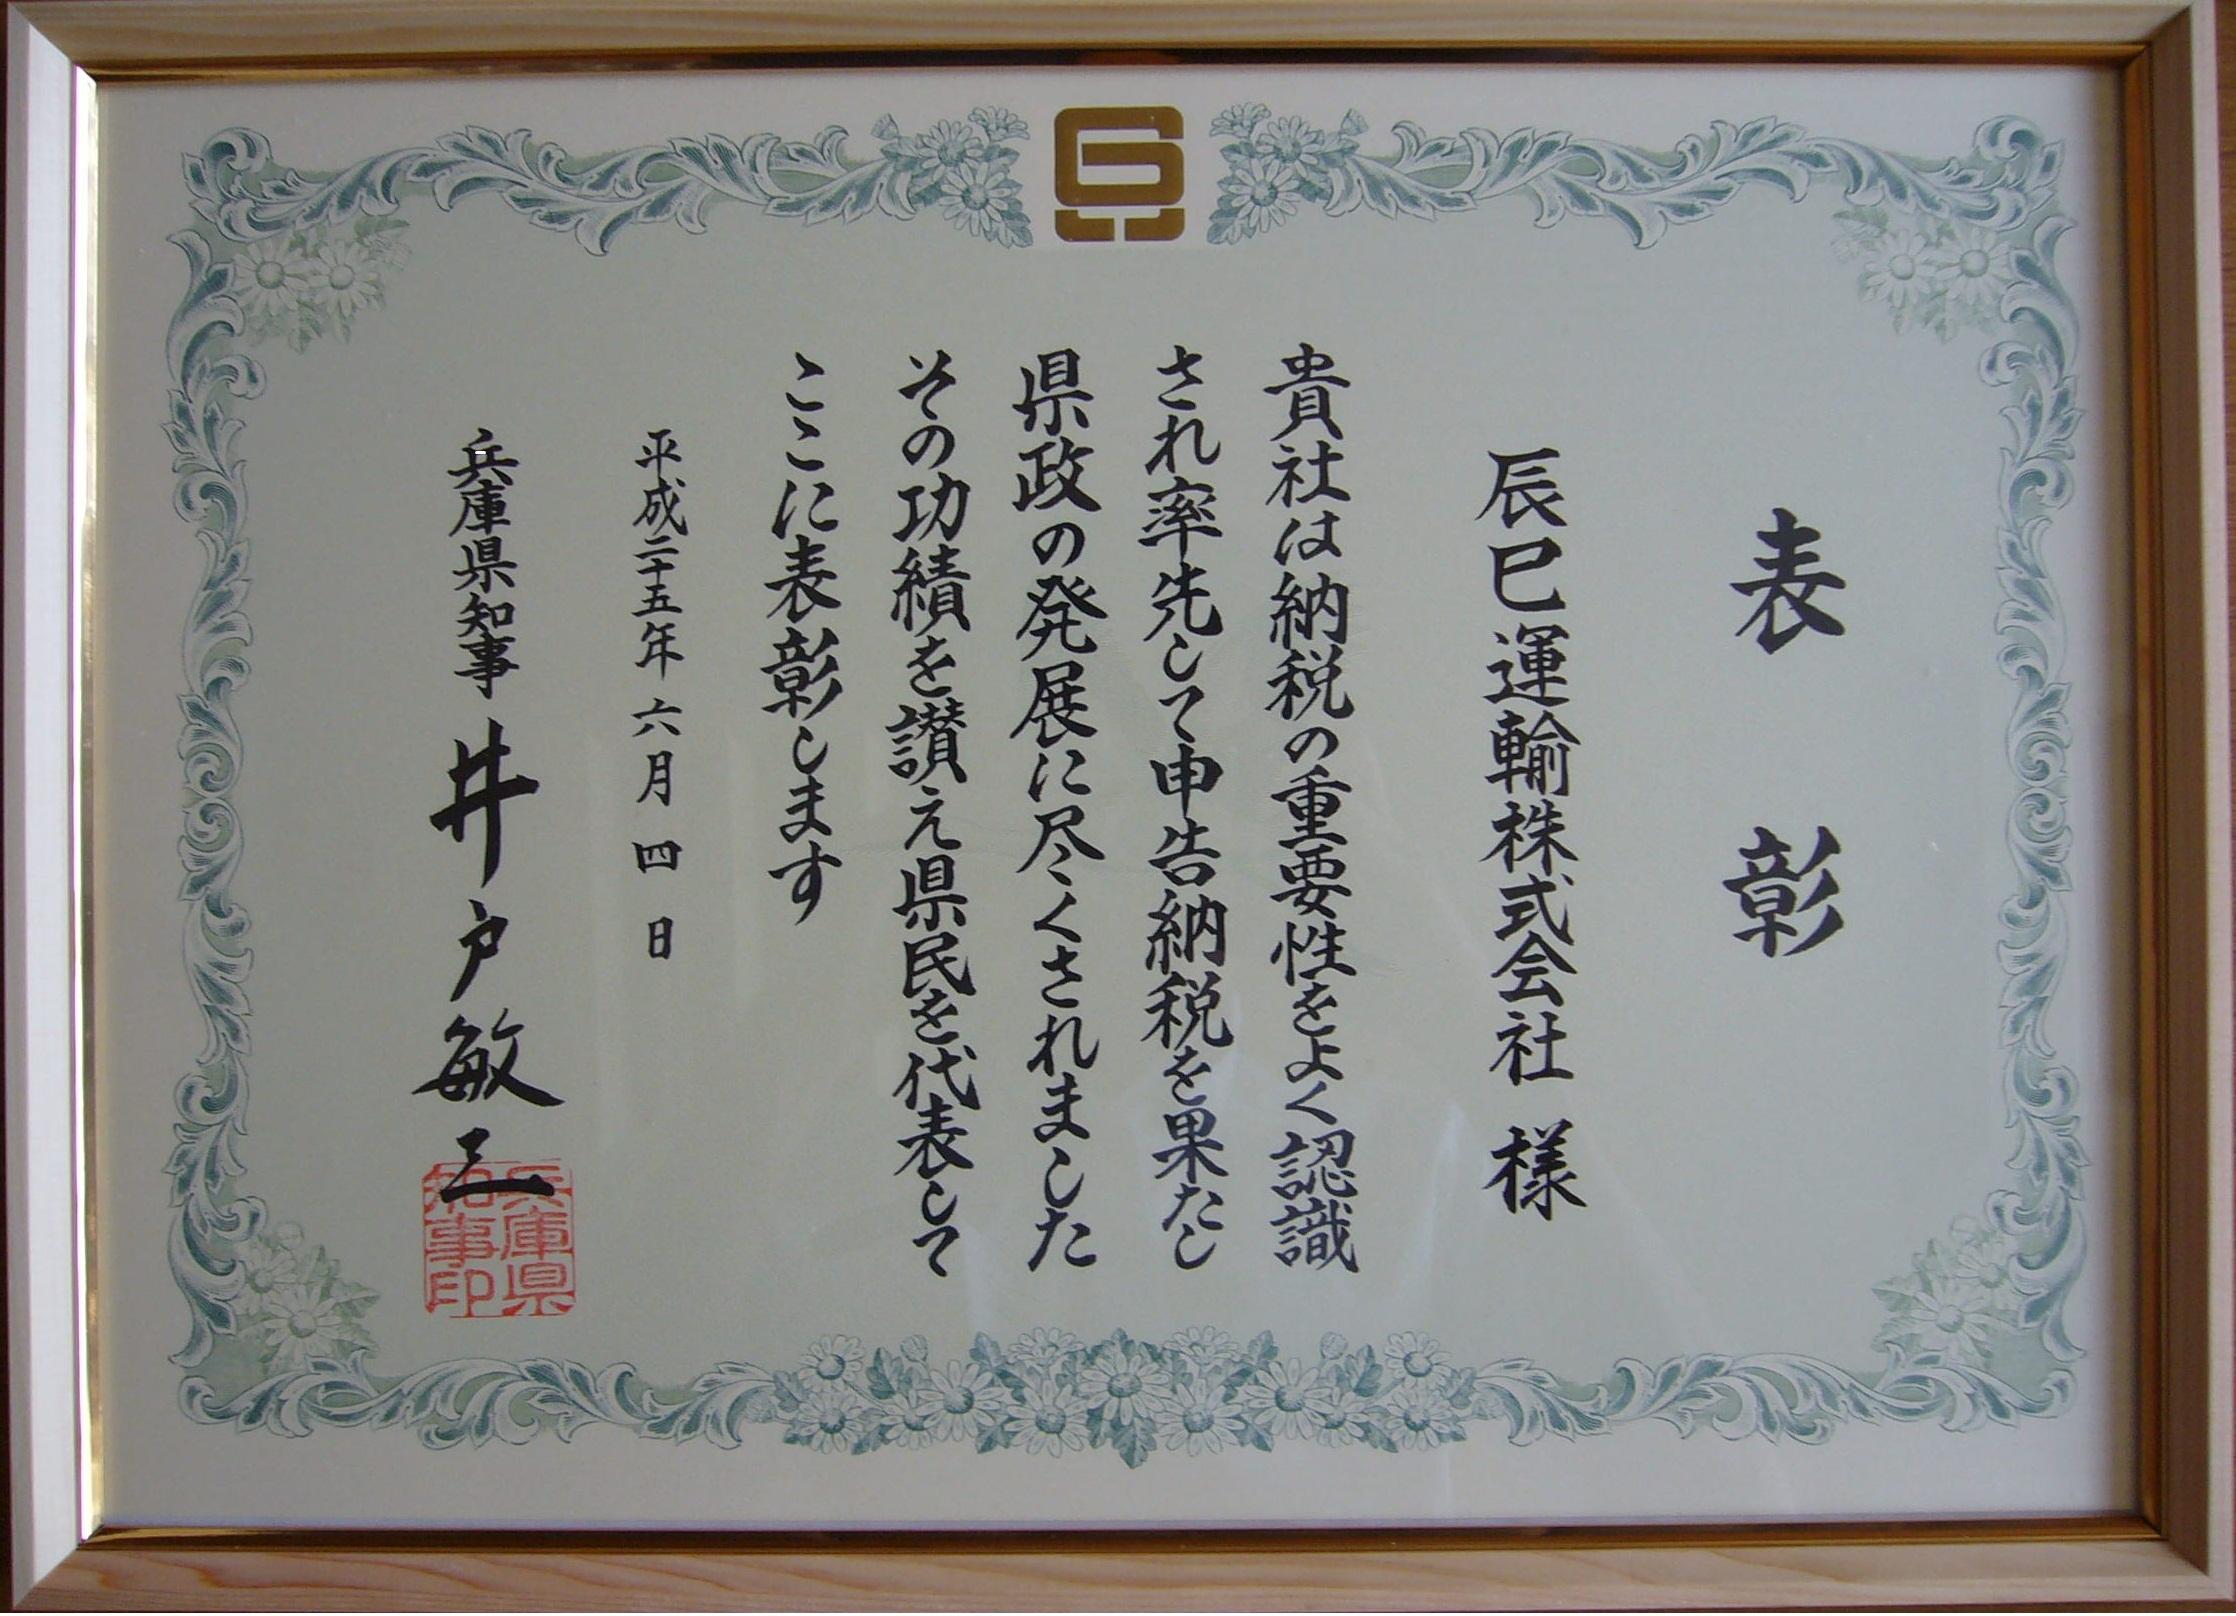 兵庫県知事より県納税功労者表彰を受ける。